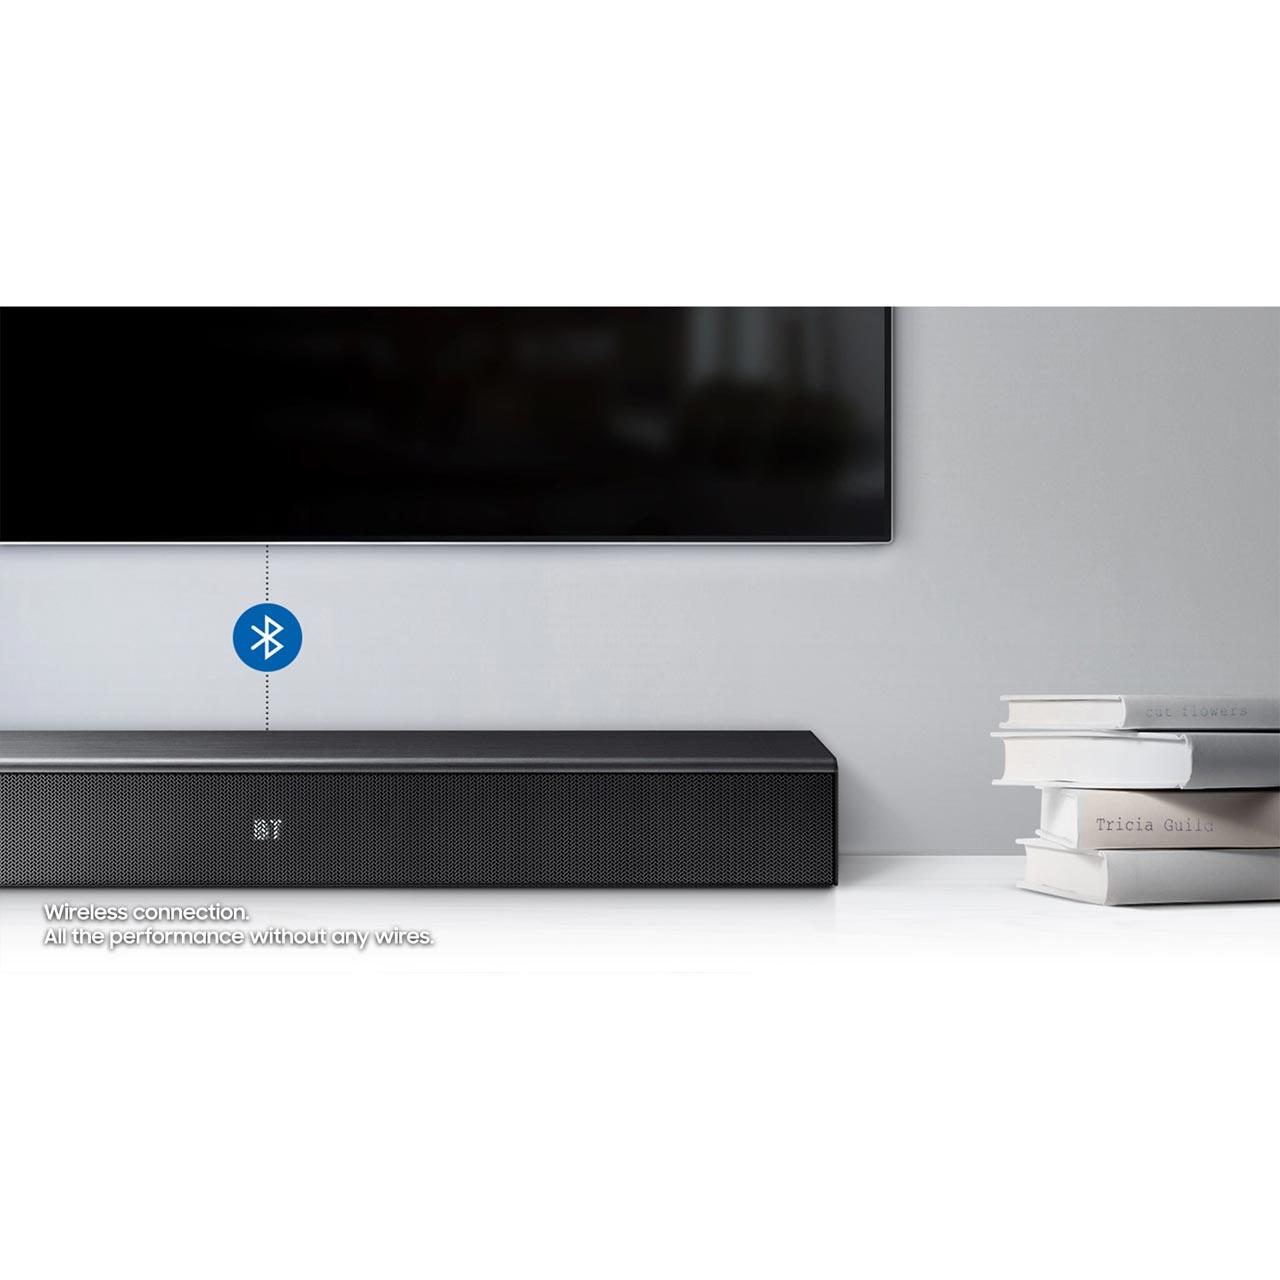 Samsung HW-N300/XU Bluetooth Soundbar with Built-in Subwoofer - Black